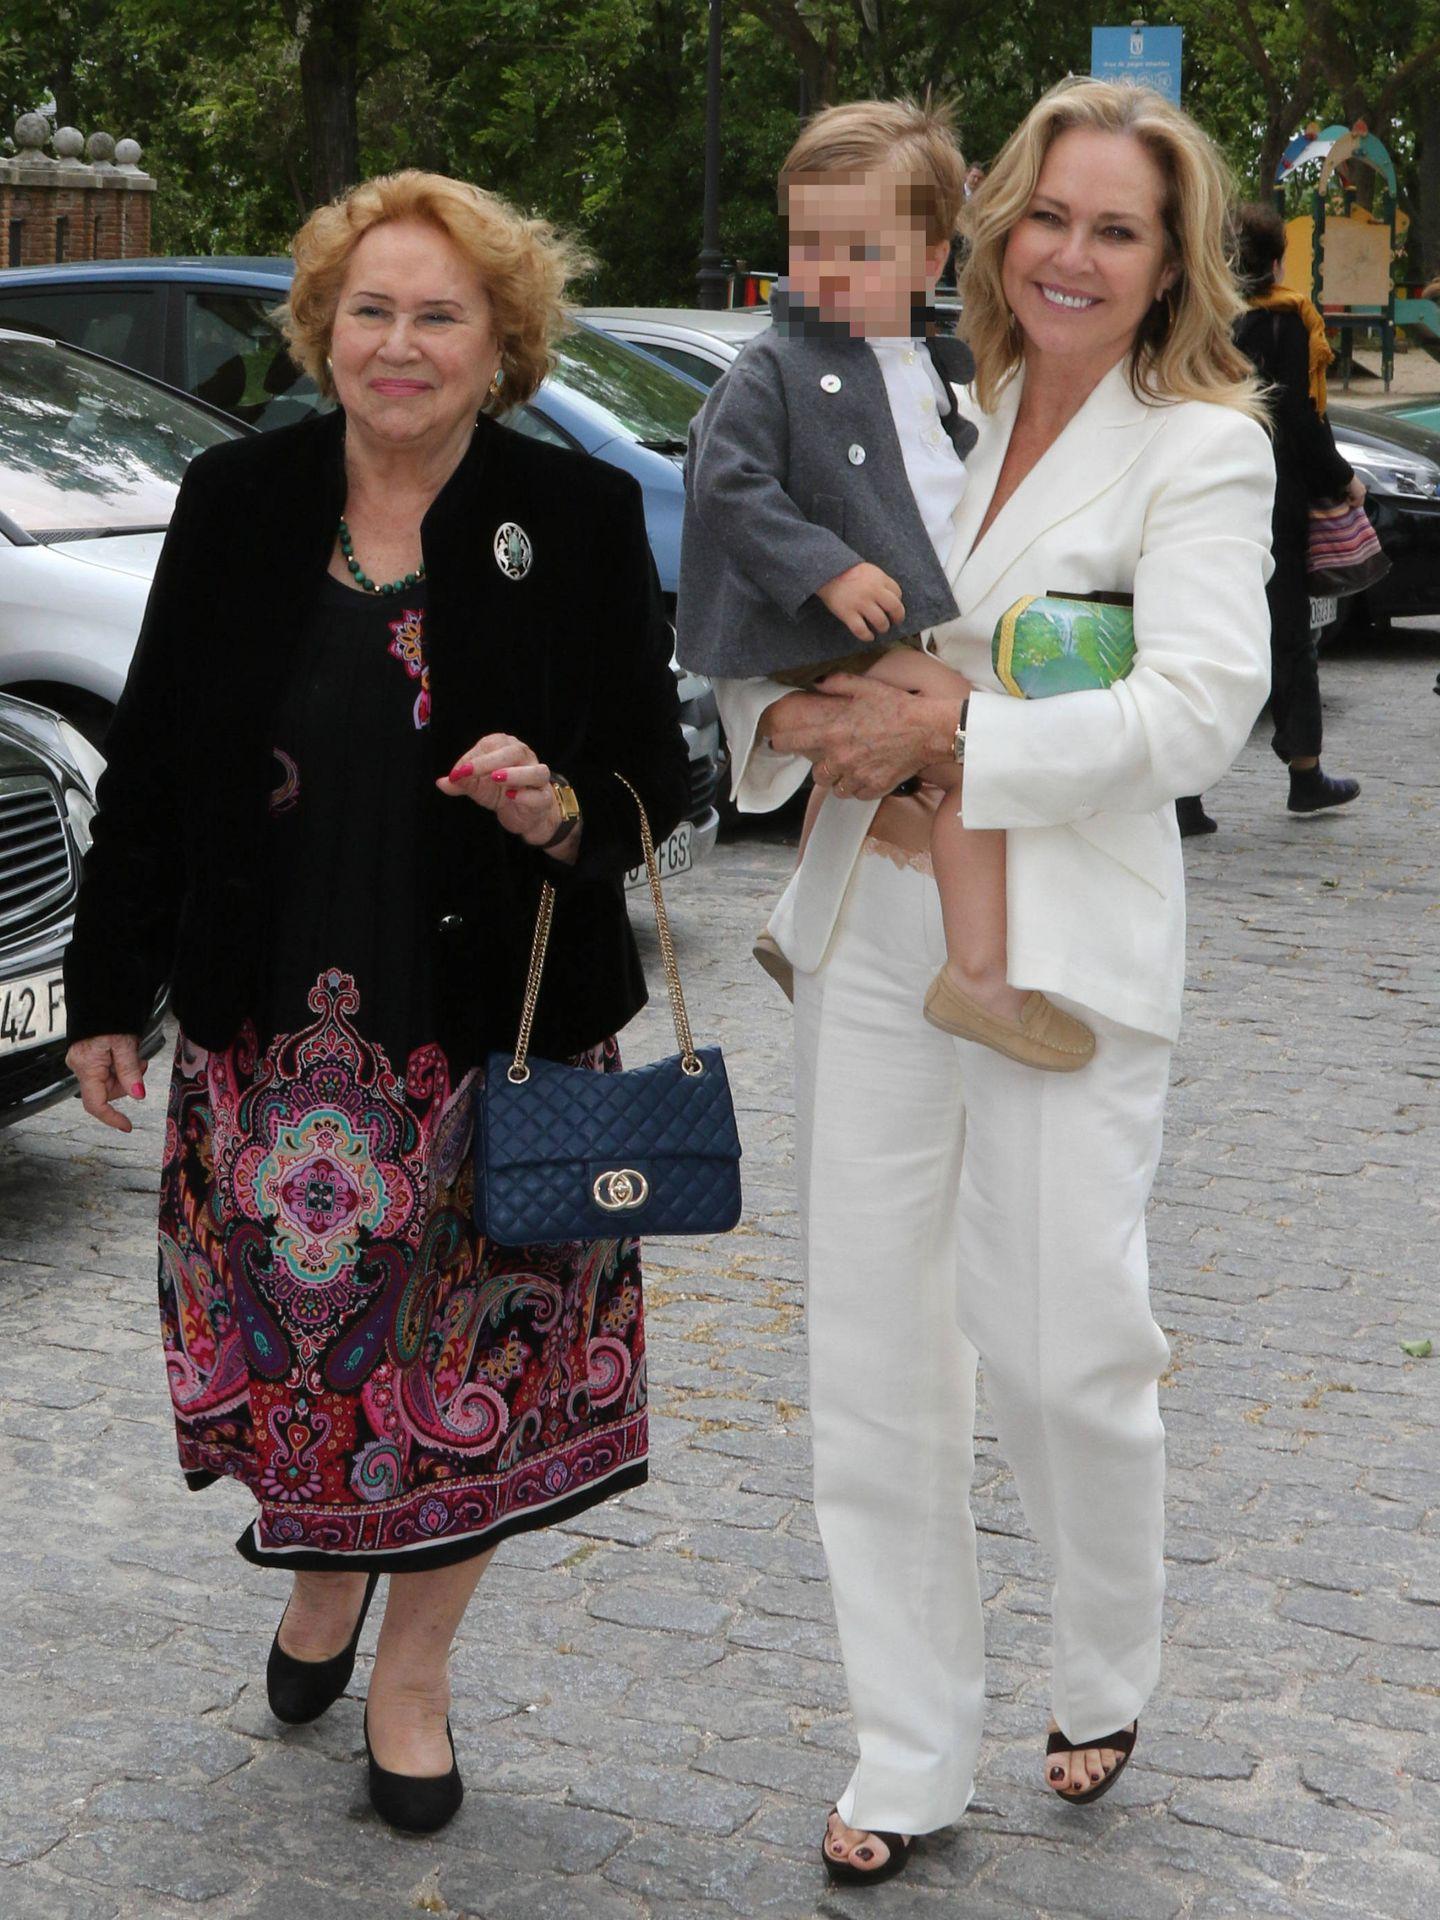 La exmujer de José Bono, con su madre y su nieto Jaime en brazos. (Lagencia Grosby)